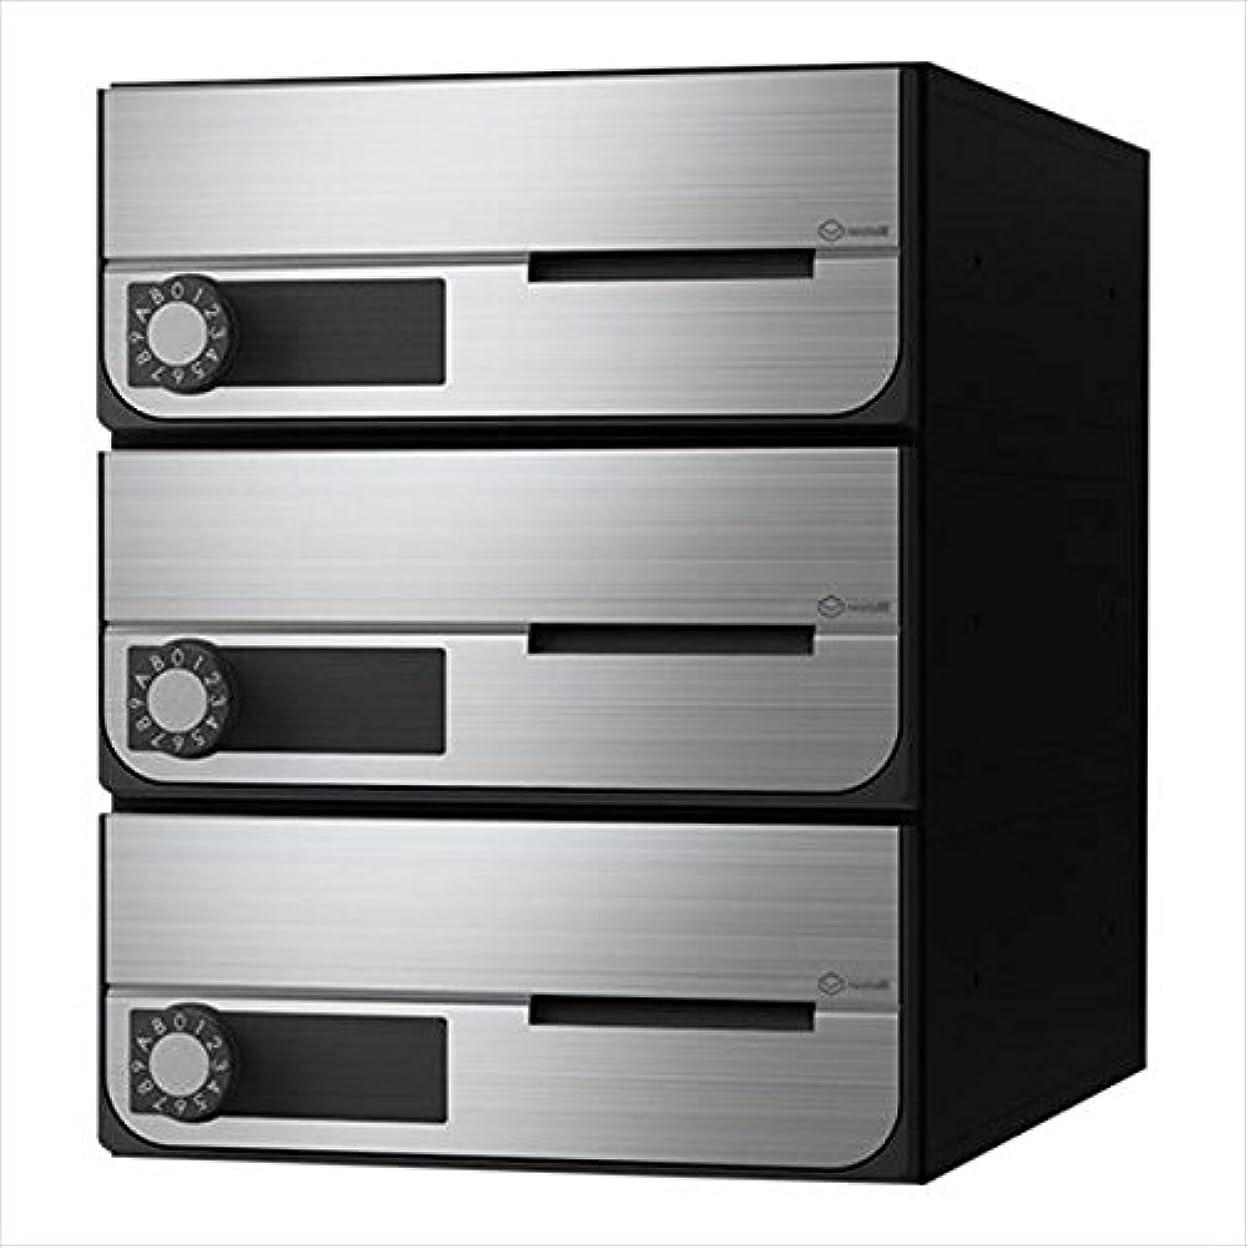 素晴らしい良い多くの開発民間人D-ALL 大型郵便物対応集合郵便受箱(屋内仕様)3戸用 前入前出 KS-6002PY-3L-S